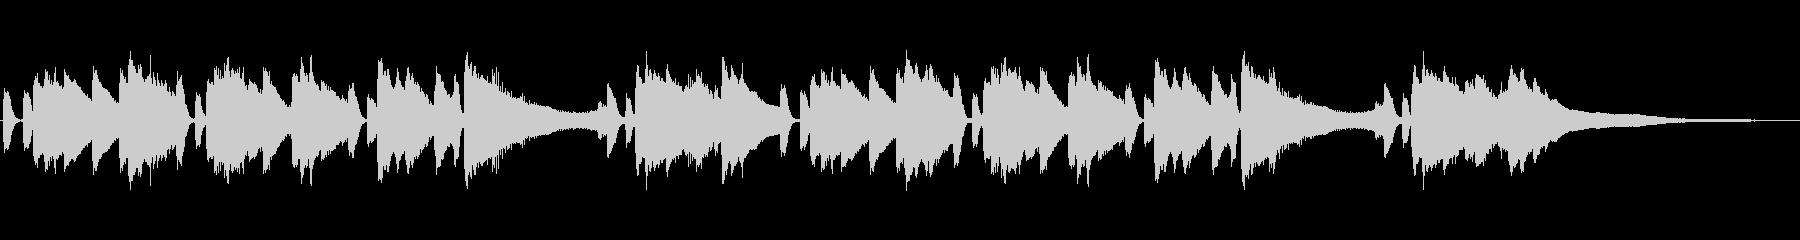 悲しい雰囲気の短三和音で演奏したピアノの未再生の波形